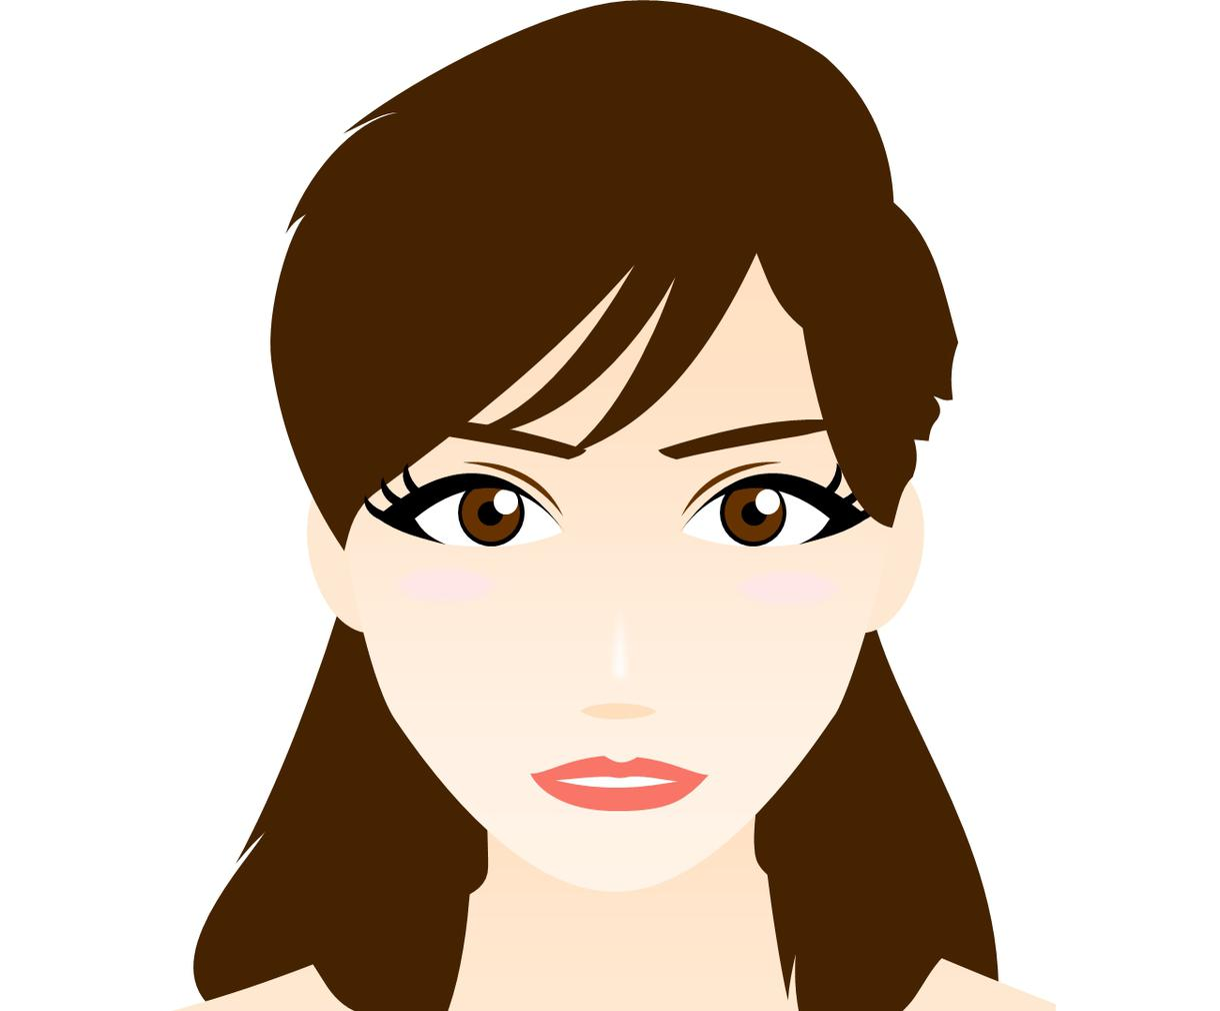 写真からあなたの似顔絵を描きます あなただけに届けるとっておきの似顔絵。心を込めて描きます。